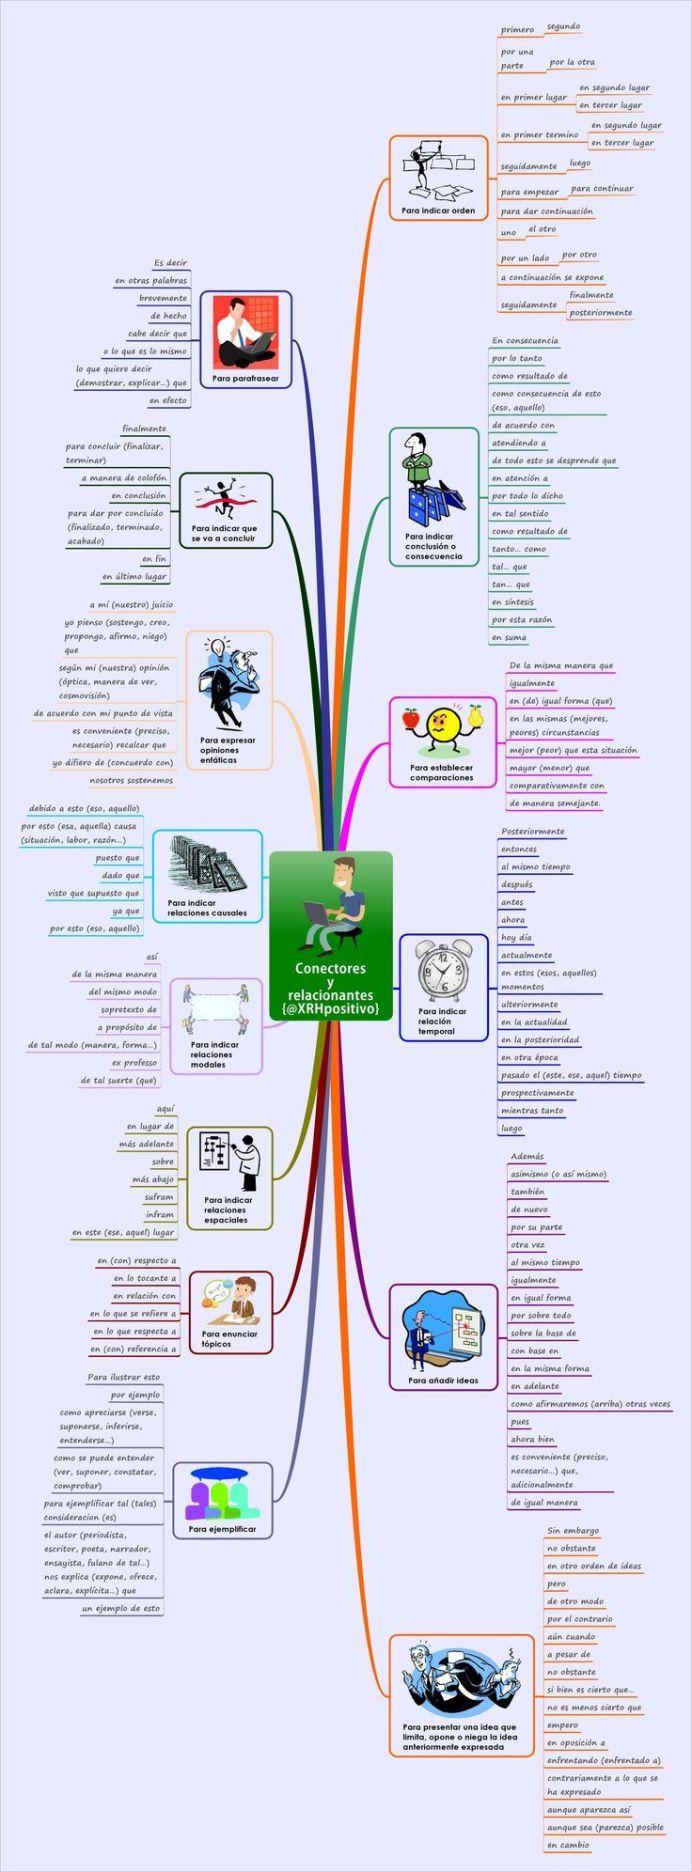 LectoescrituraConectoresRelacionantes-Infografía-BlogGesvin